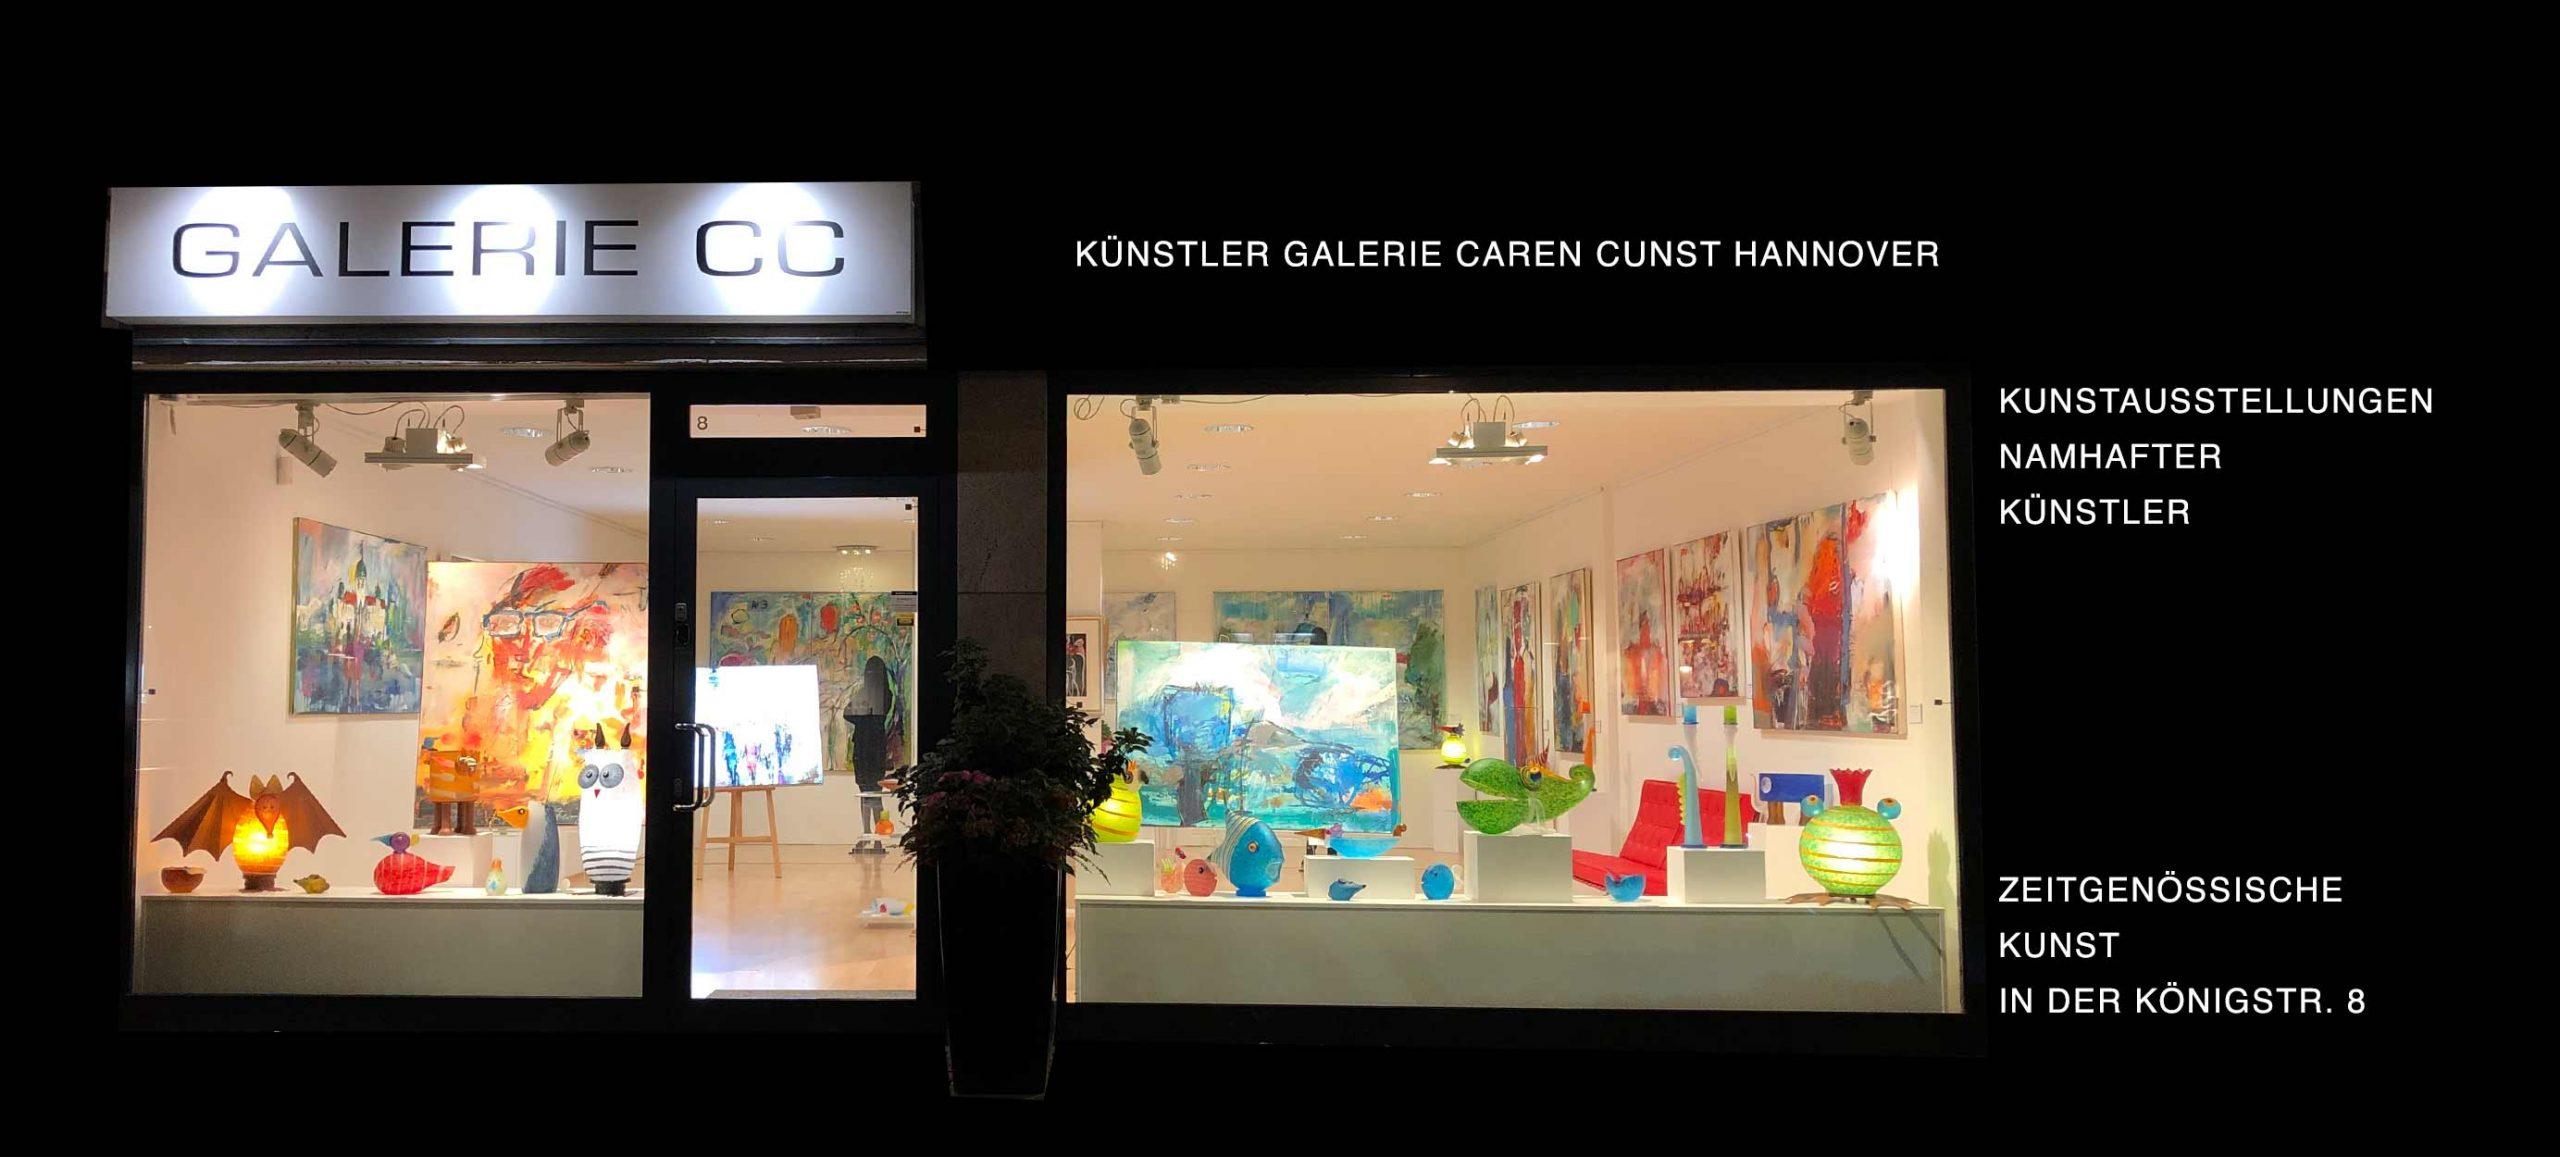 Kunstgalerie Hannover Galerie CC